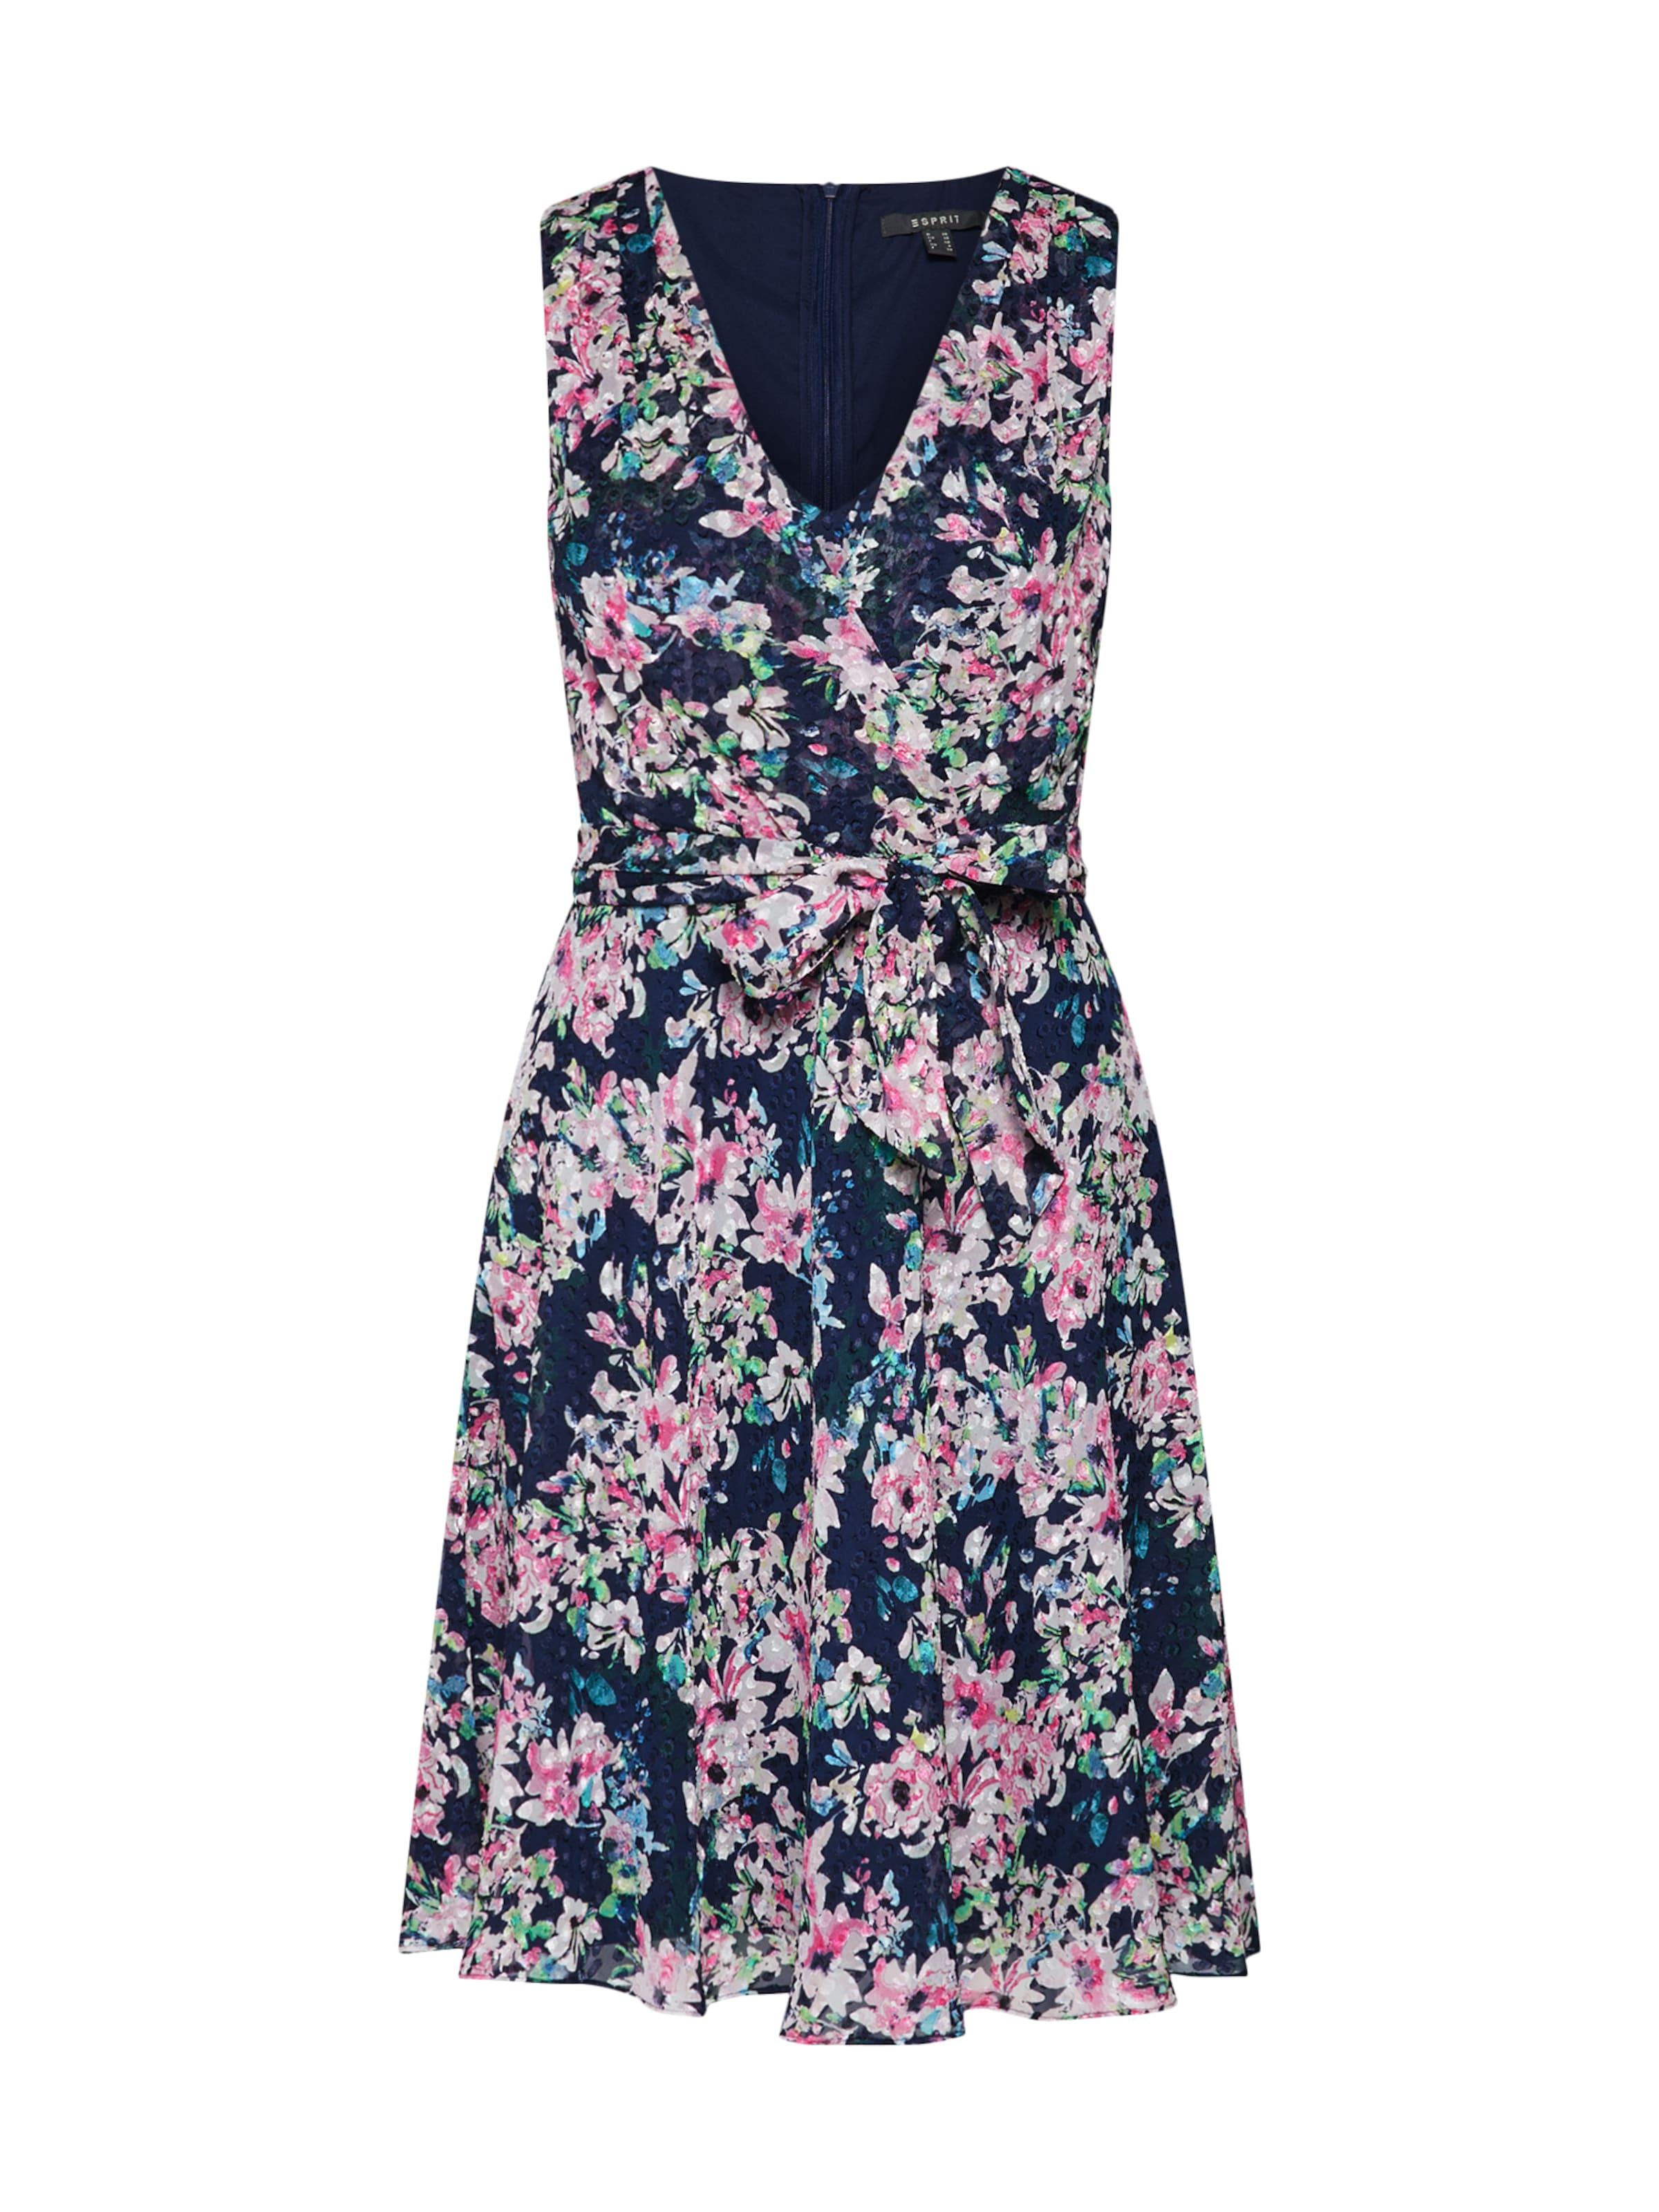 Collection Kleid In NavyMischfarben NavyMischfarben Esprit Esprit Collection In Kleid In Esprit Kleid Collection EeHWDY29I